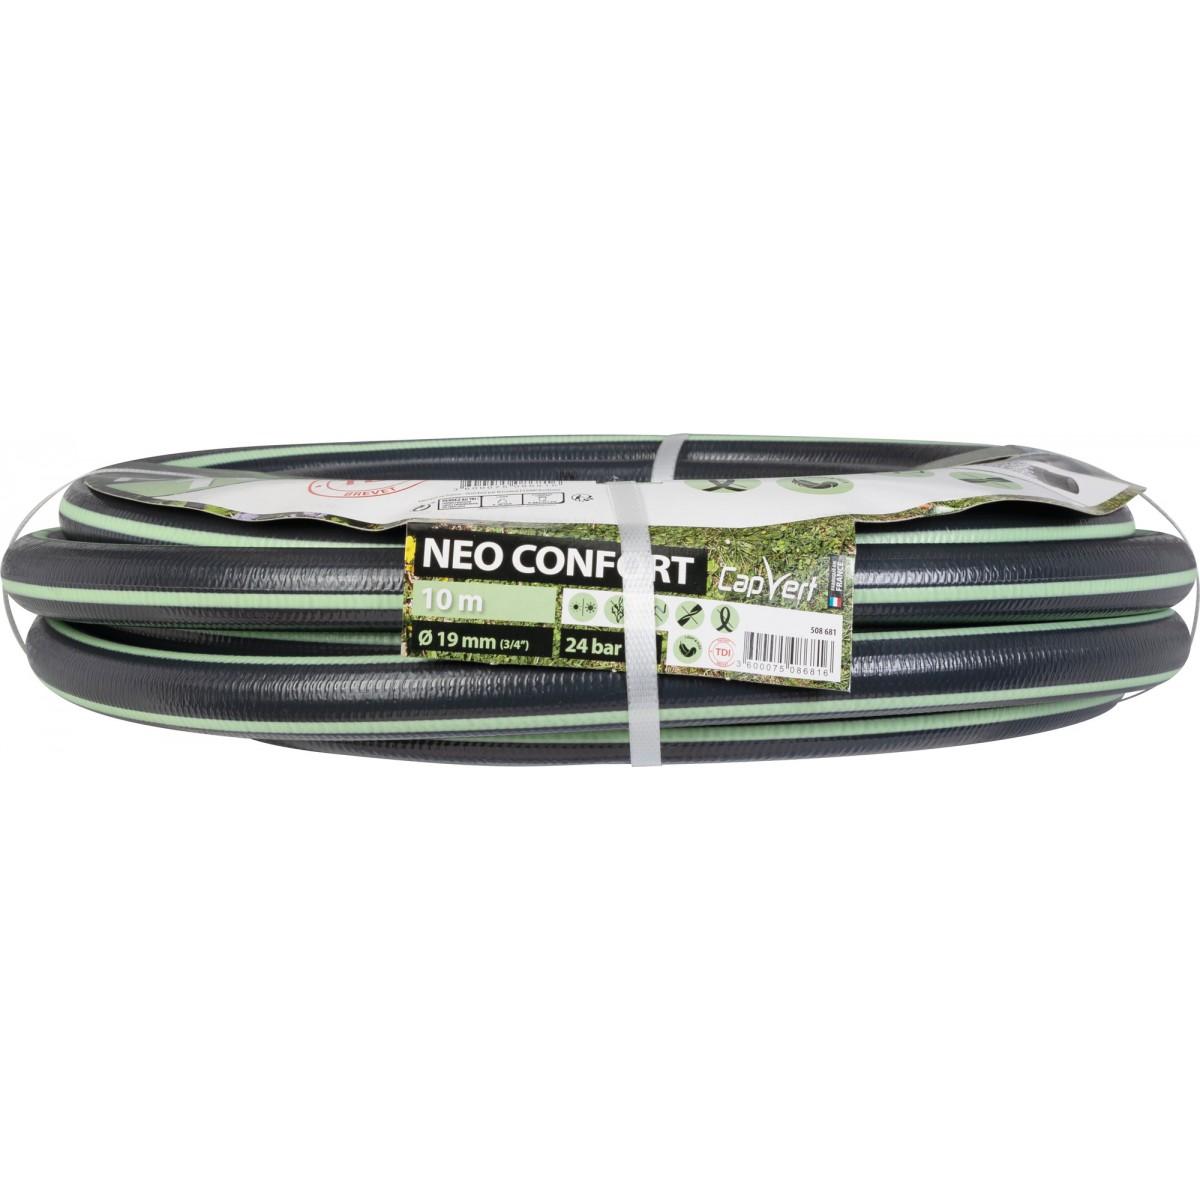 Tuyau d'arrosage Néo Confort Cap Vert - Diamètre 19 mm - Longueur 10 m